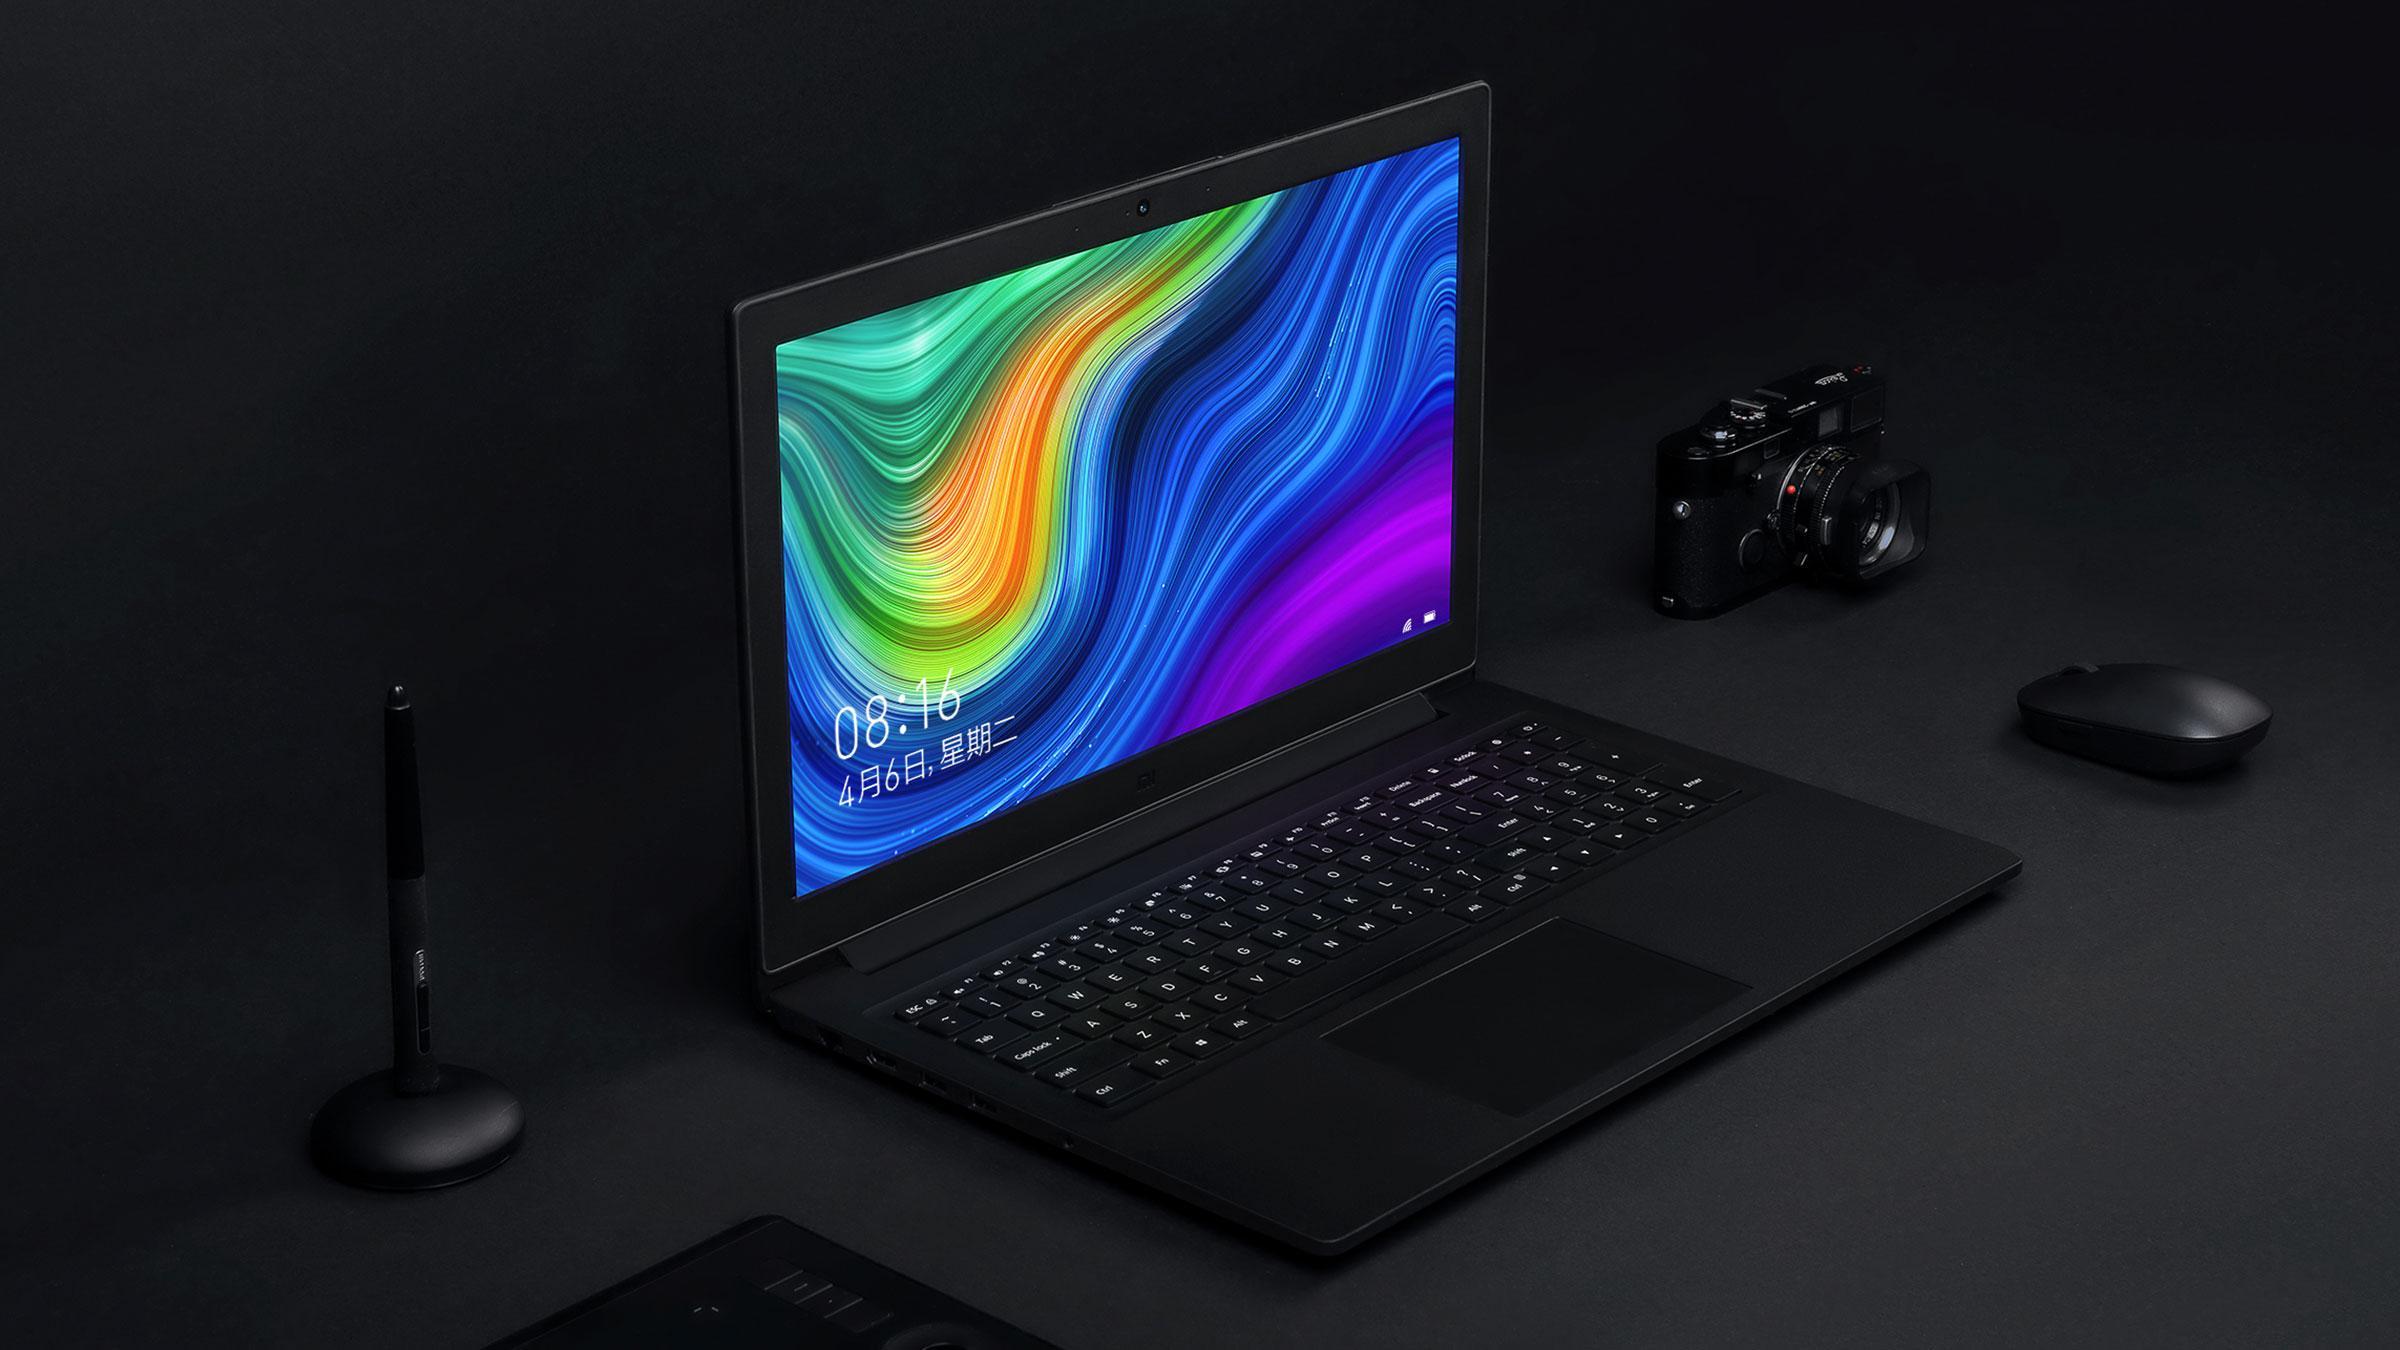 xiaomi mi notebook 15.6 con intel core i5 de 8ª generación